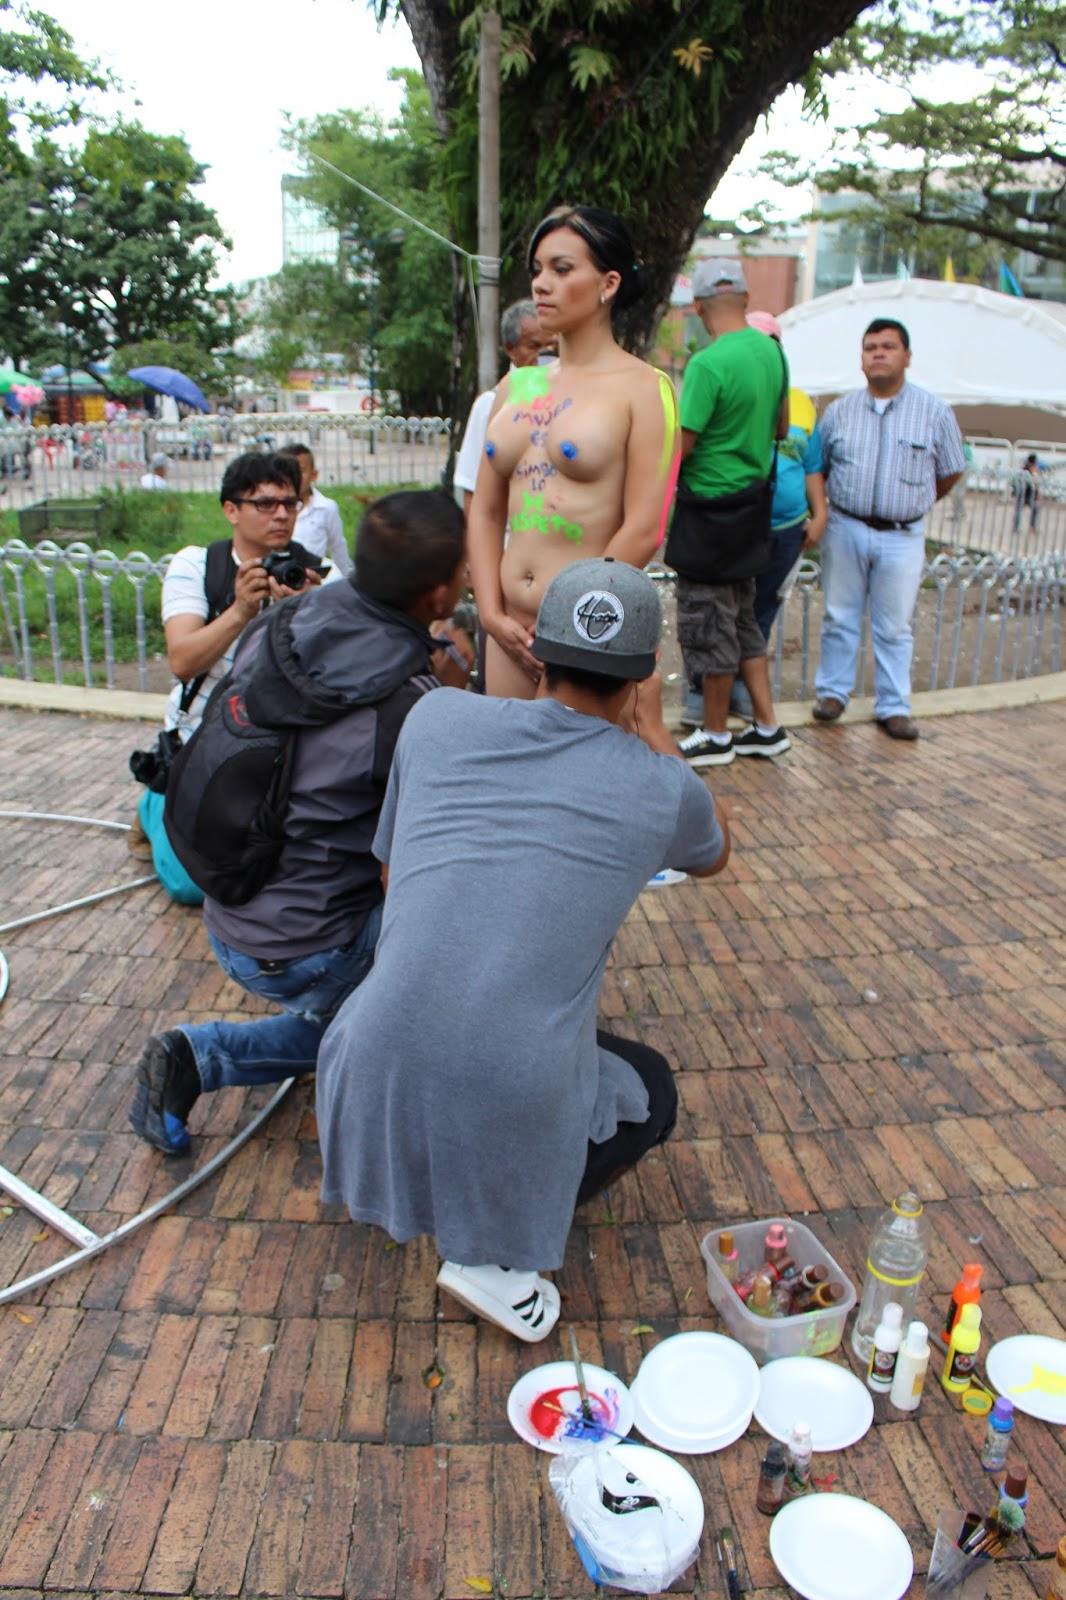 pintura de cuerpo público desnuda